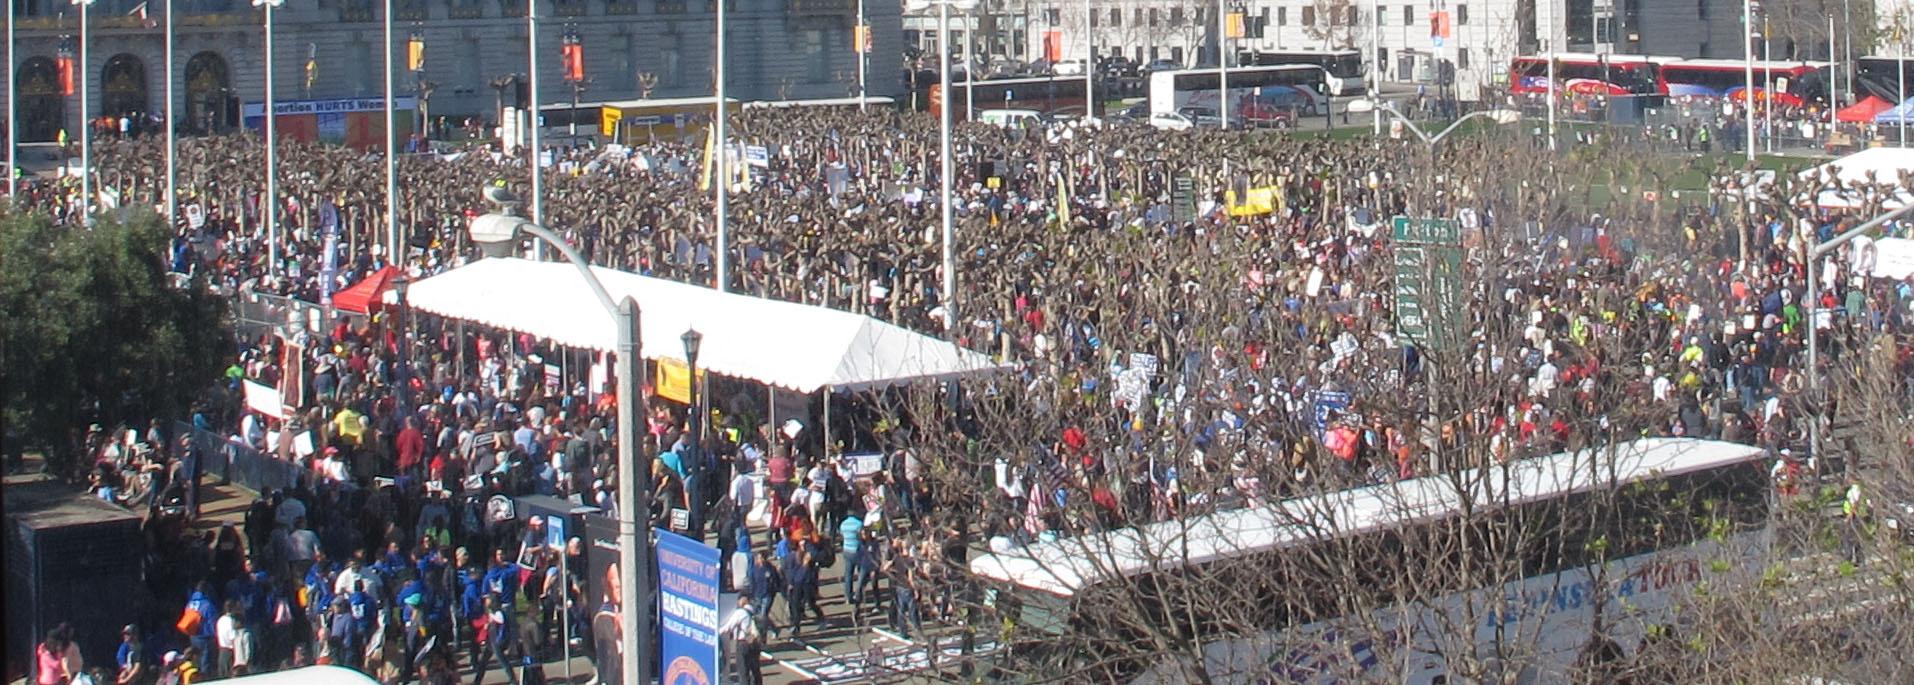 12_05_pre_rally